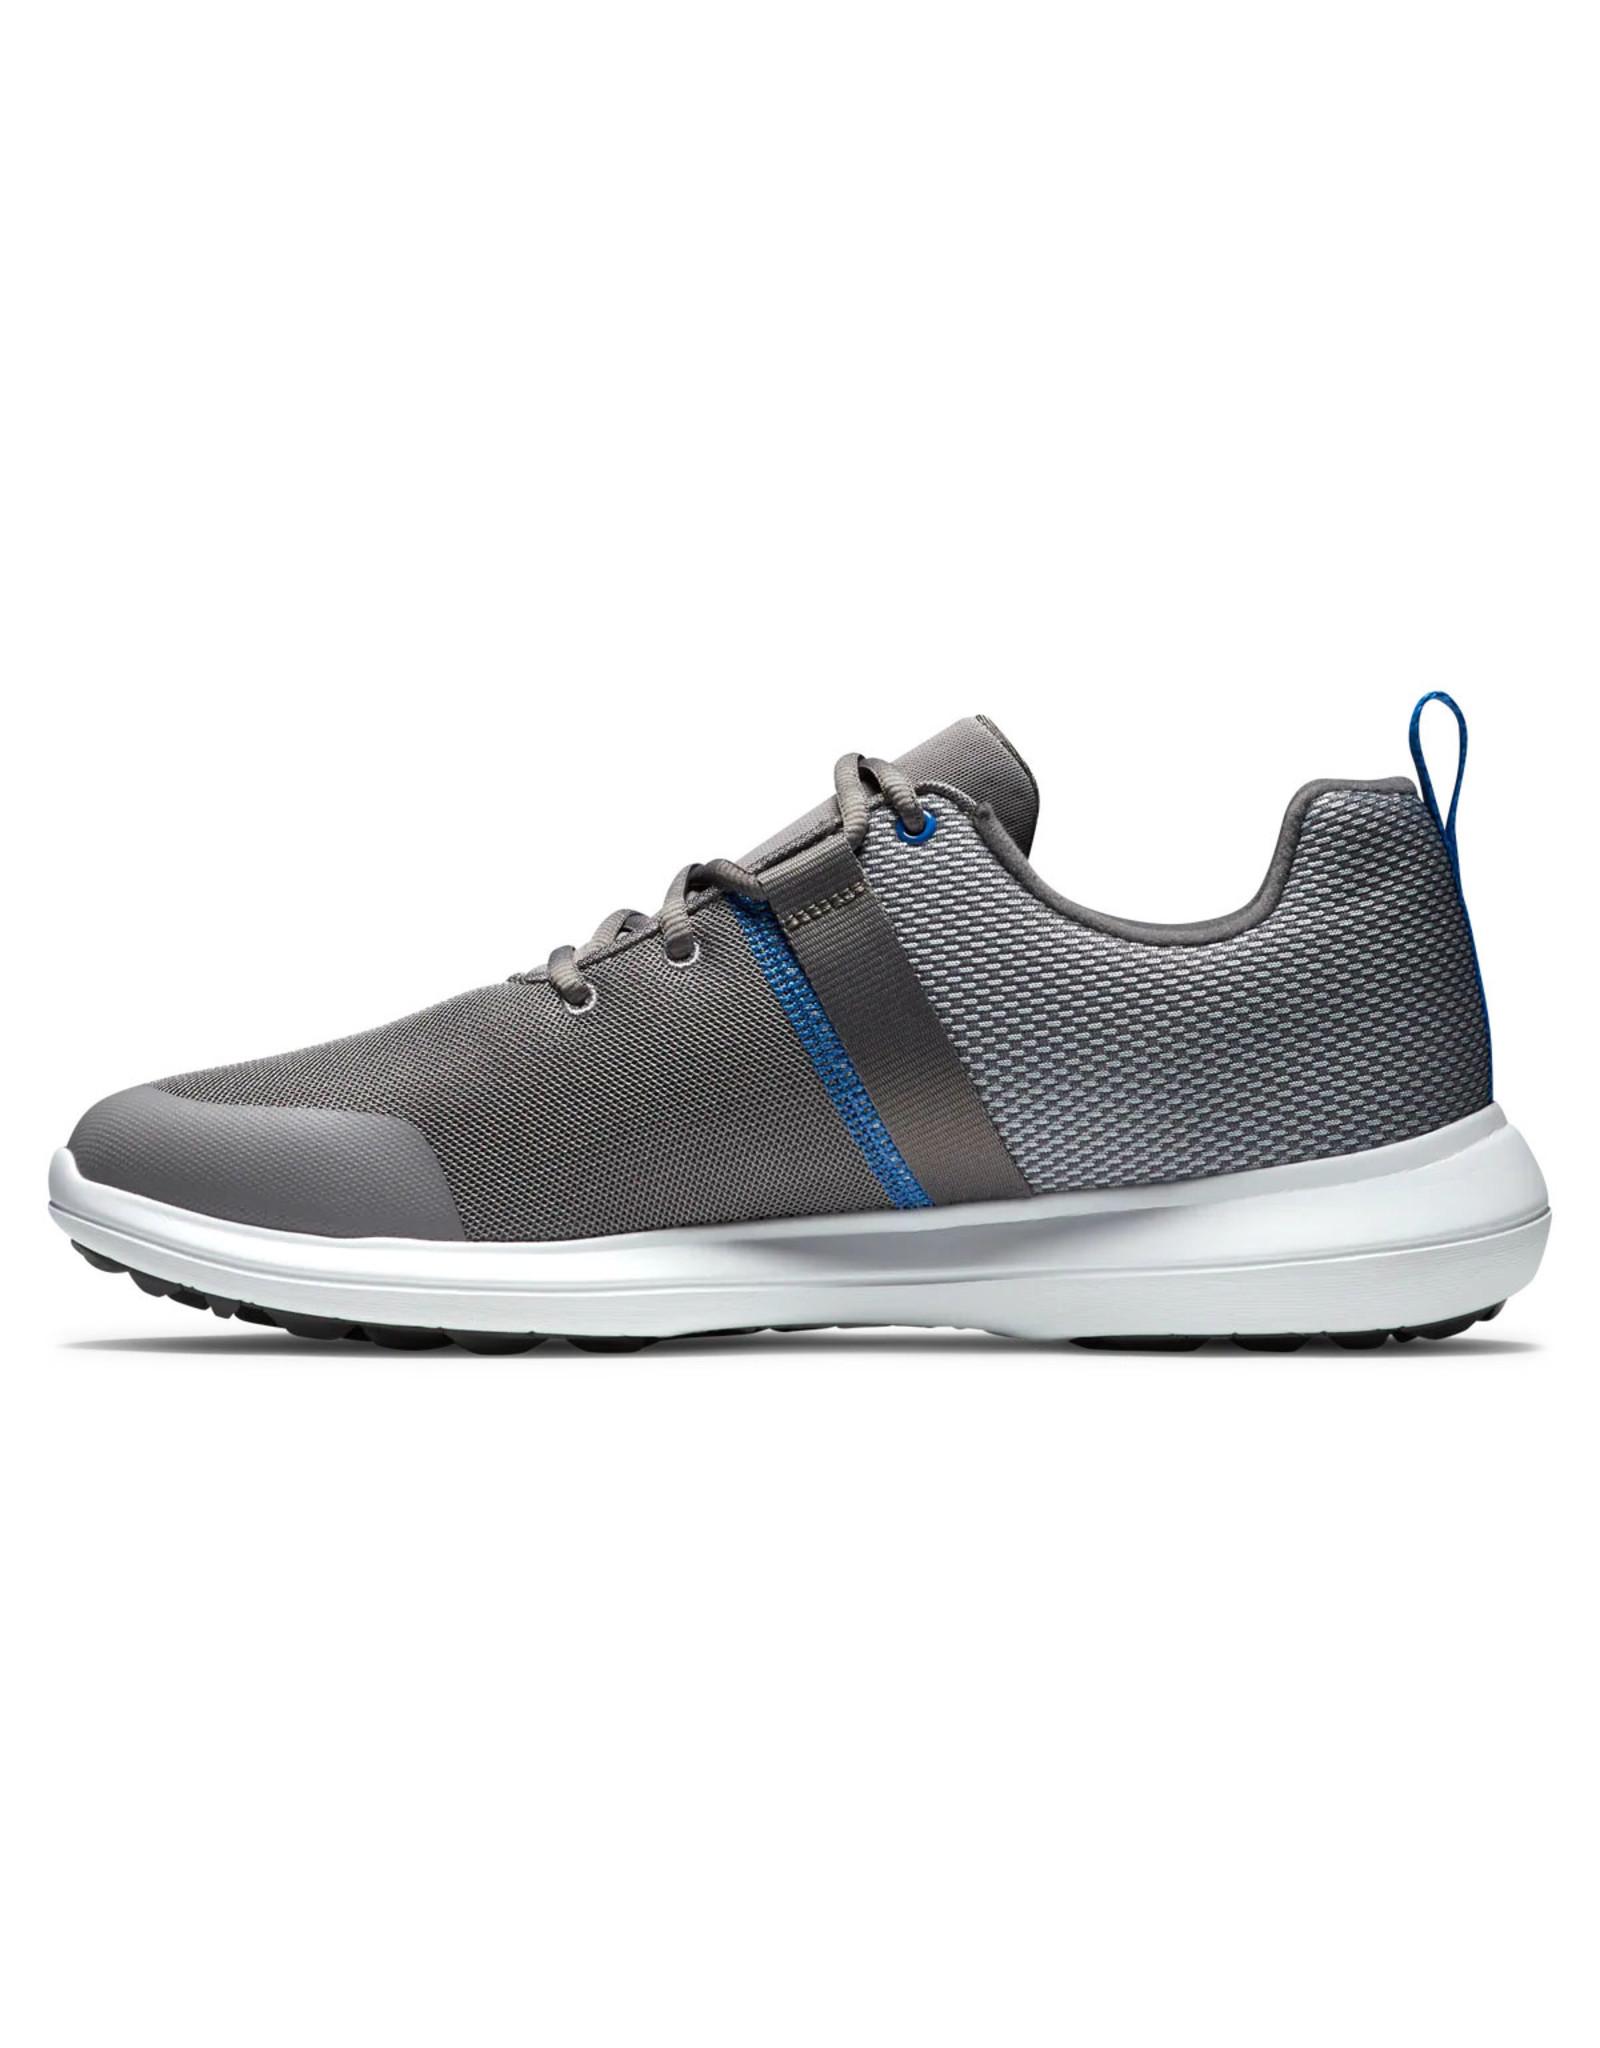 FootJoy FootJoy Flex Spikeless Grey/Blue